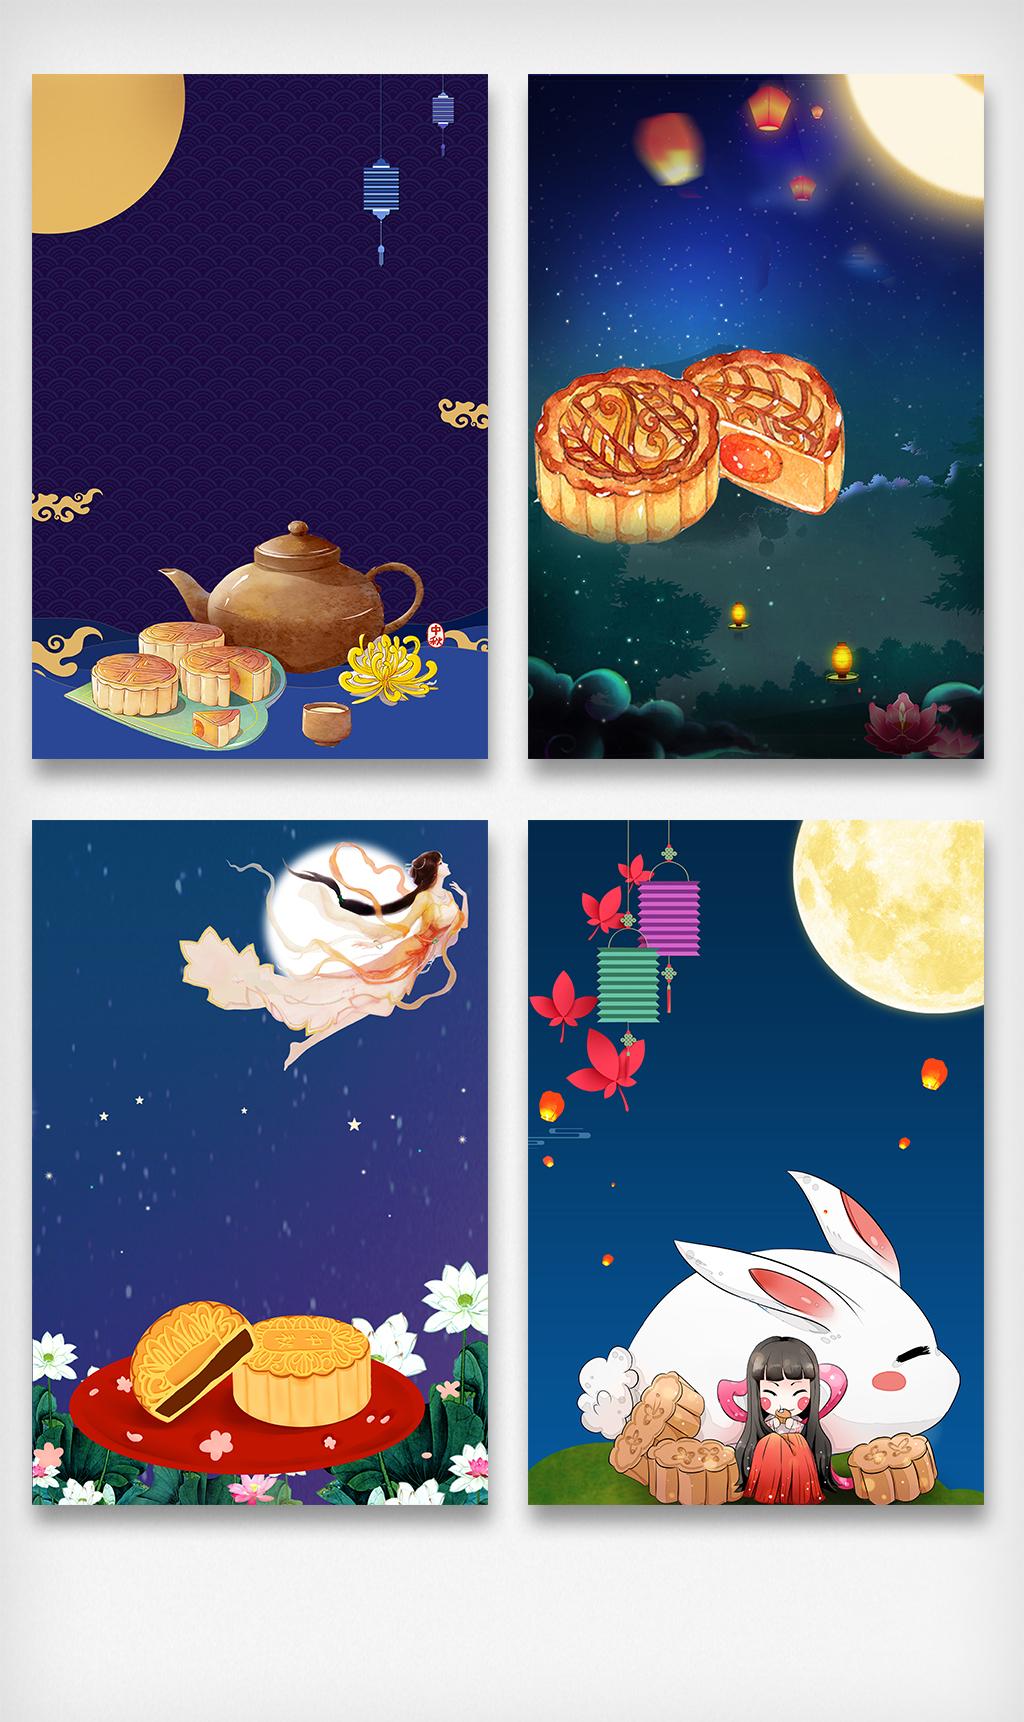 简约手绘中秋节中国风海报背景素材